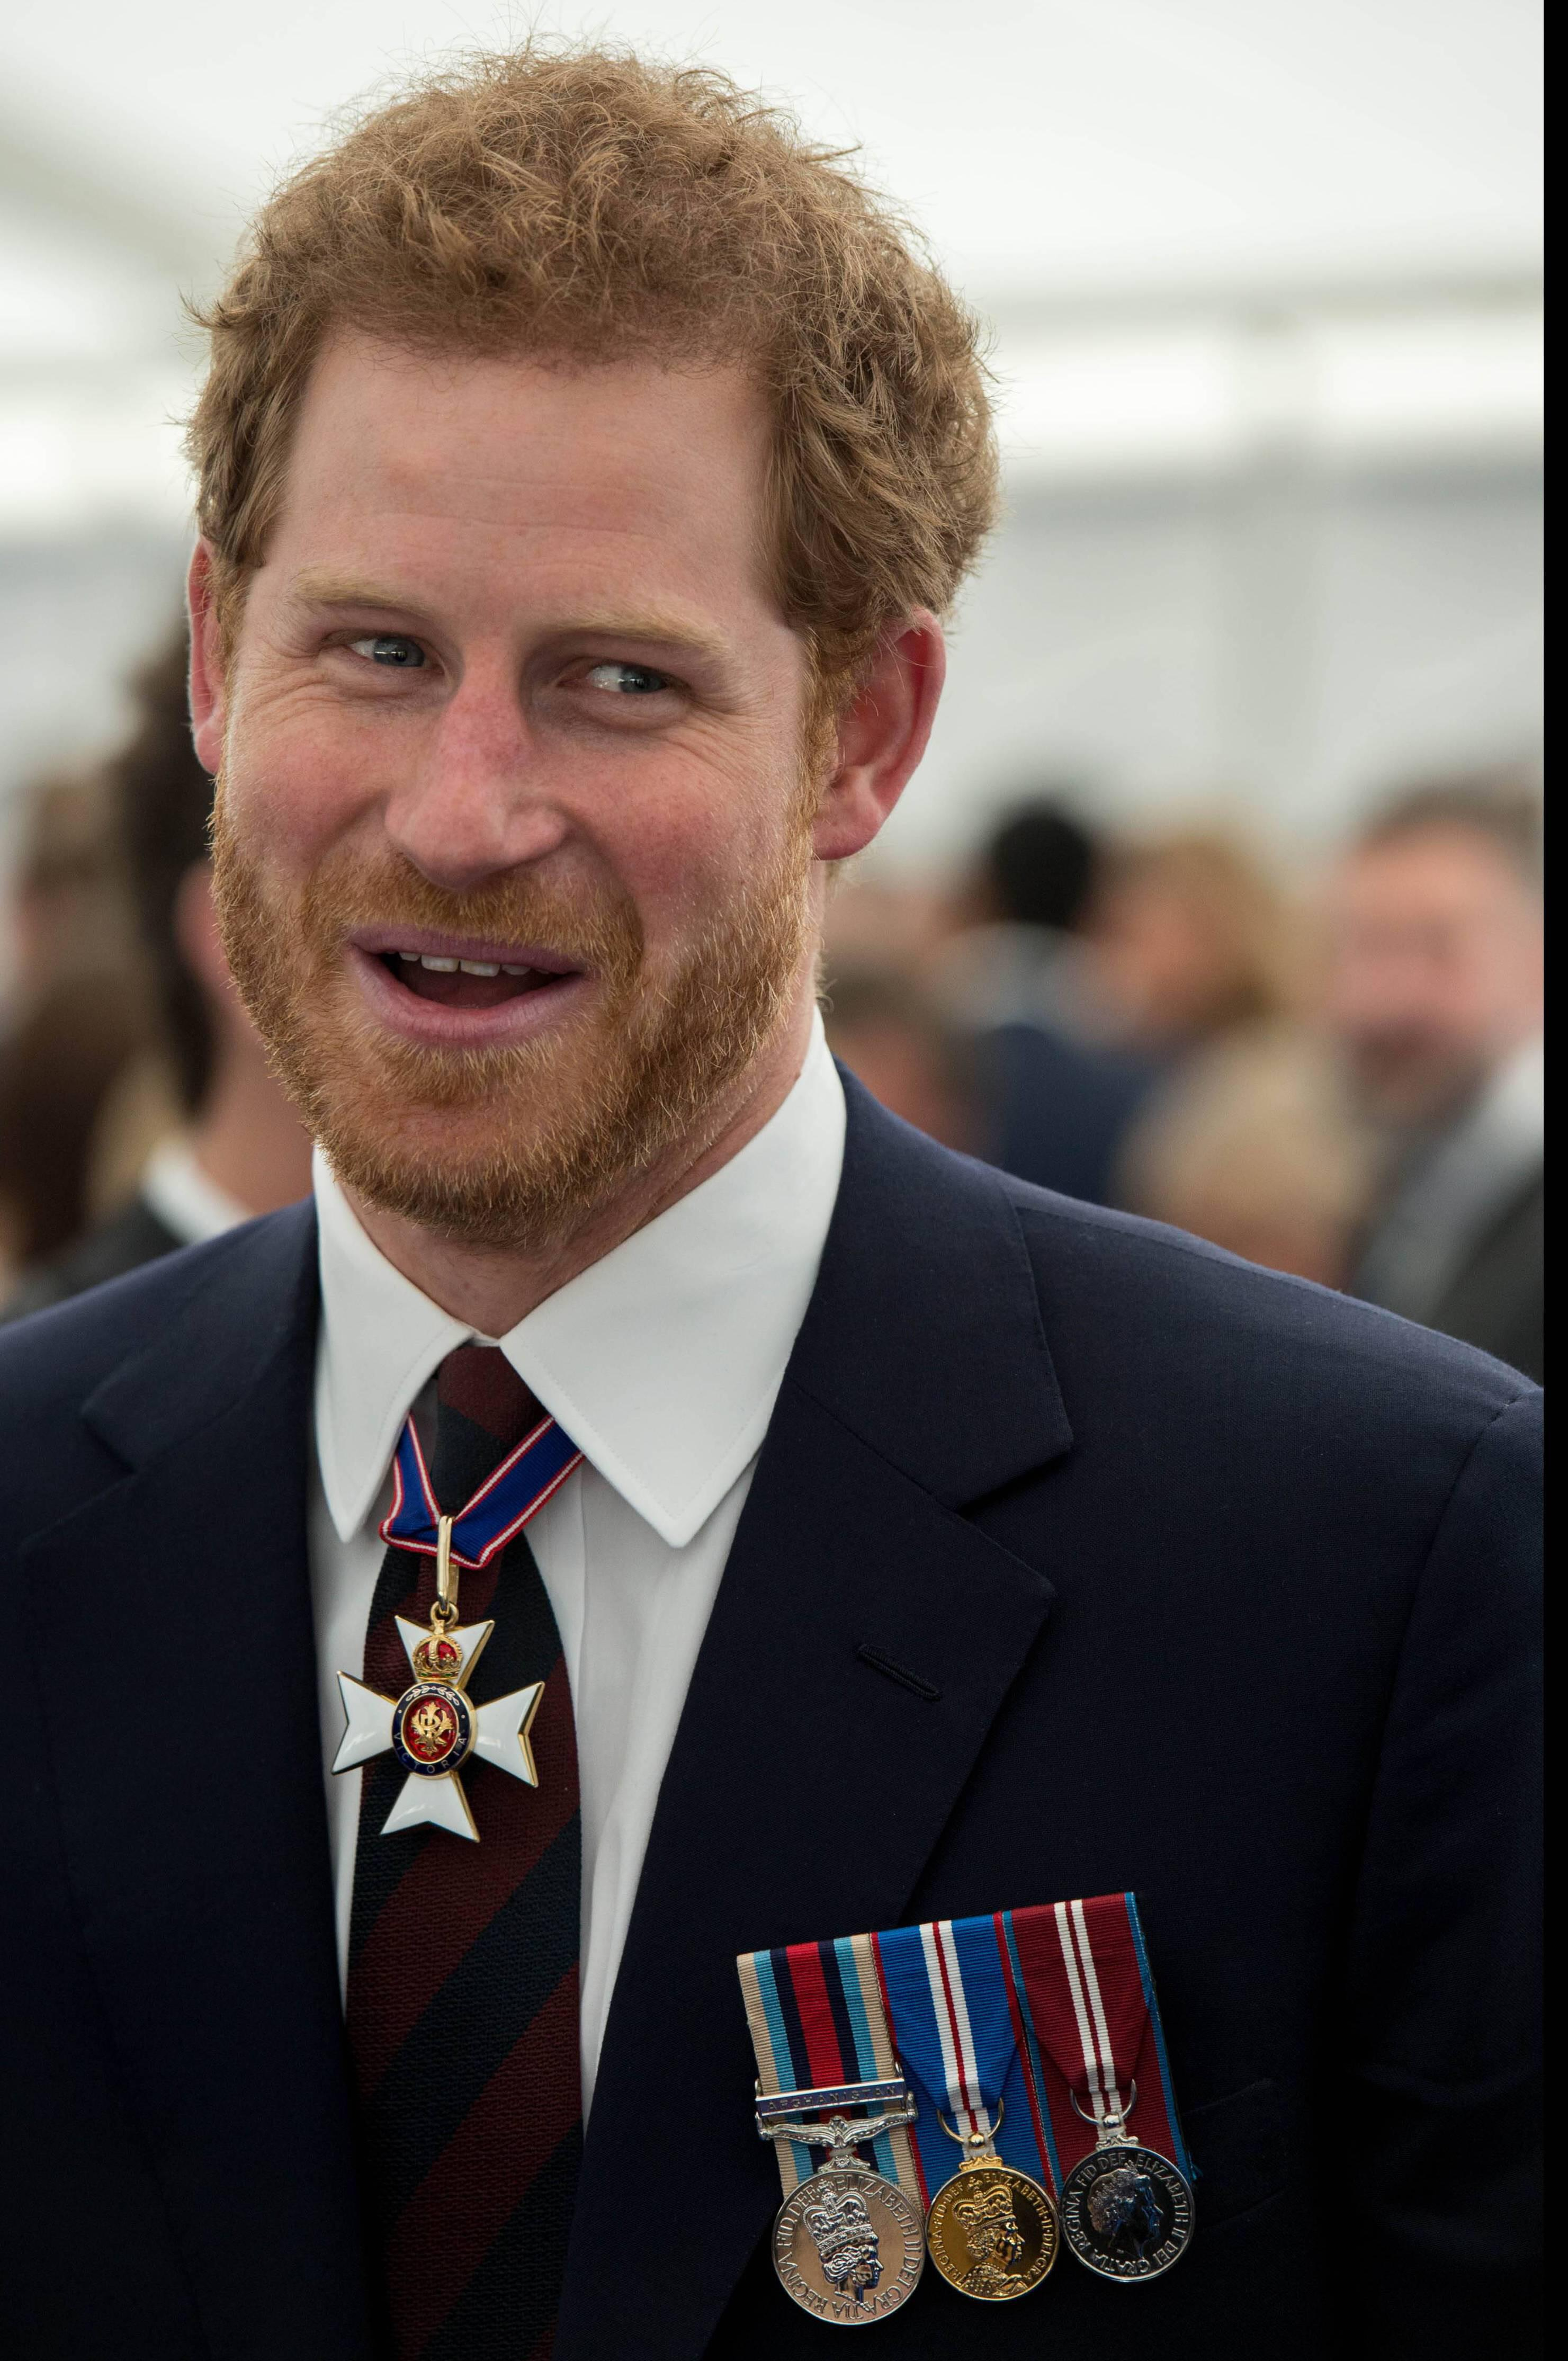 Bild zu Hochzeitspläne? Prinz Harry plant Großes